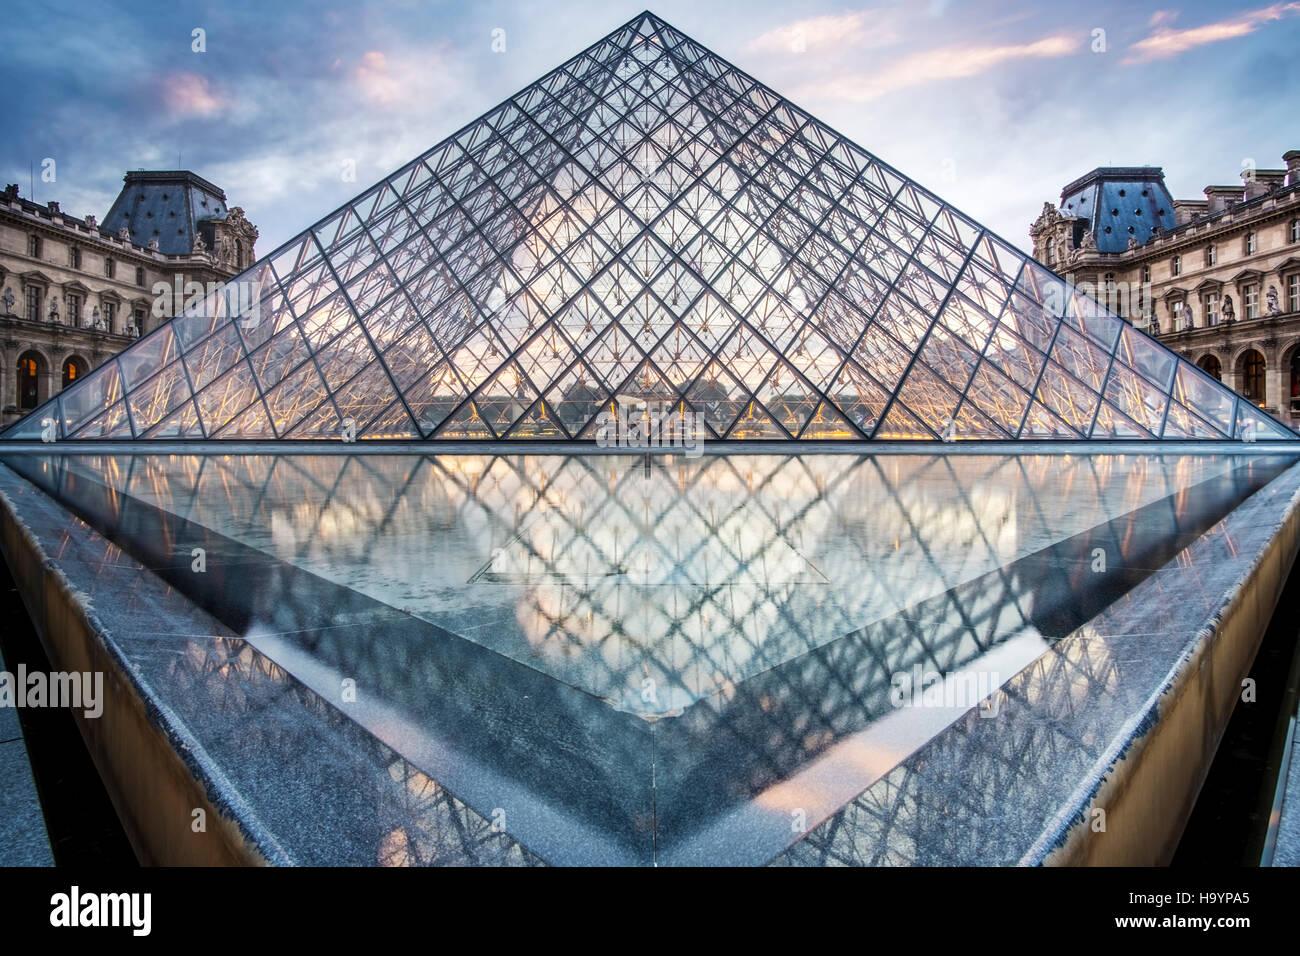 Der Glas Pyramide Eingang zum Louvre, entworfen vom Architekten I.M.Pei. Abend im Sommer gedreht. Stockbild